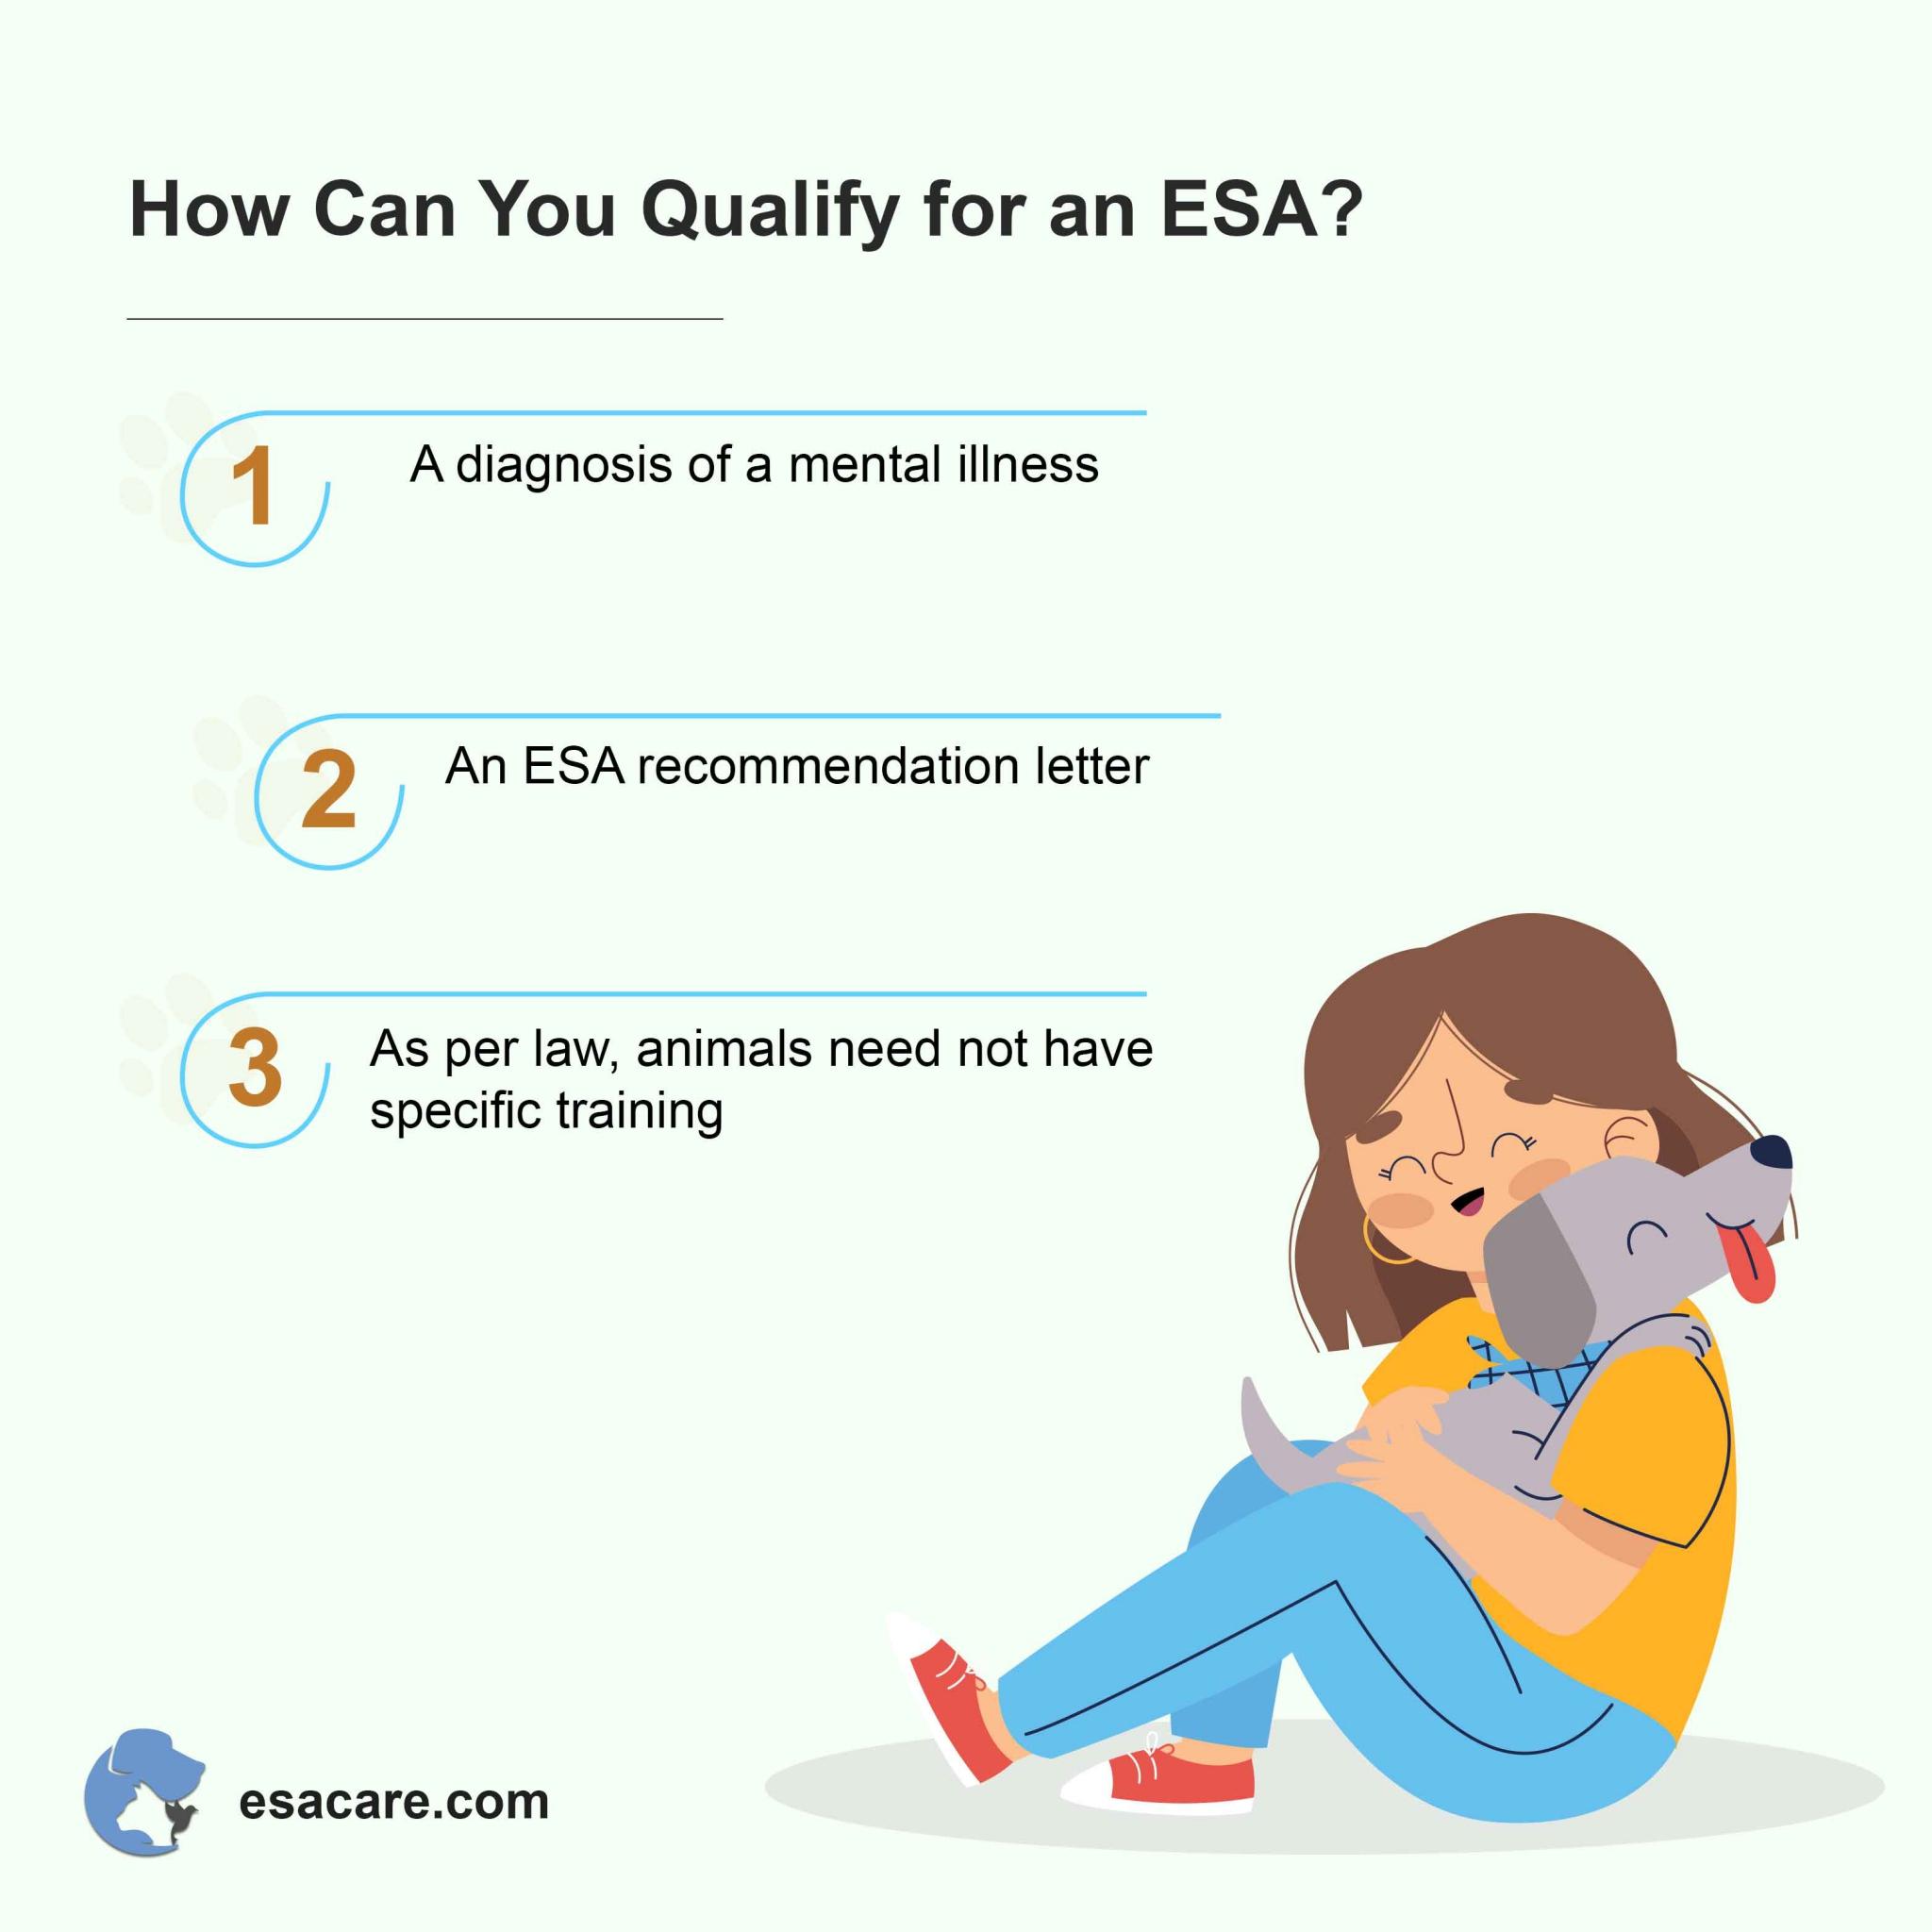 Qualify for an ESA